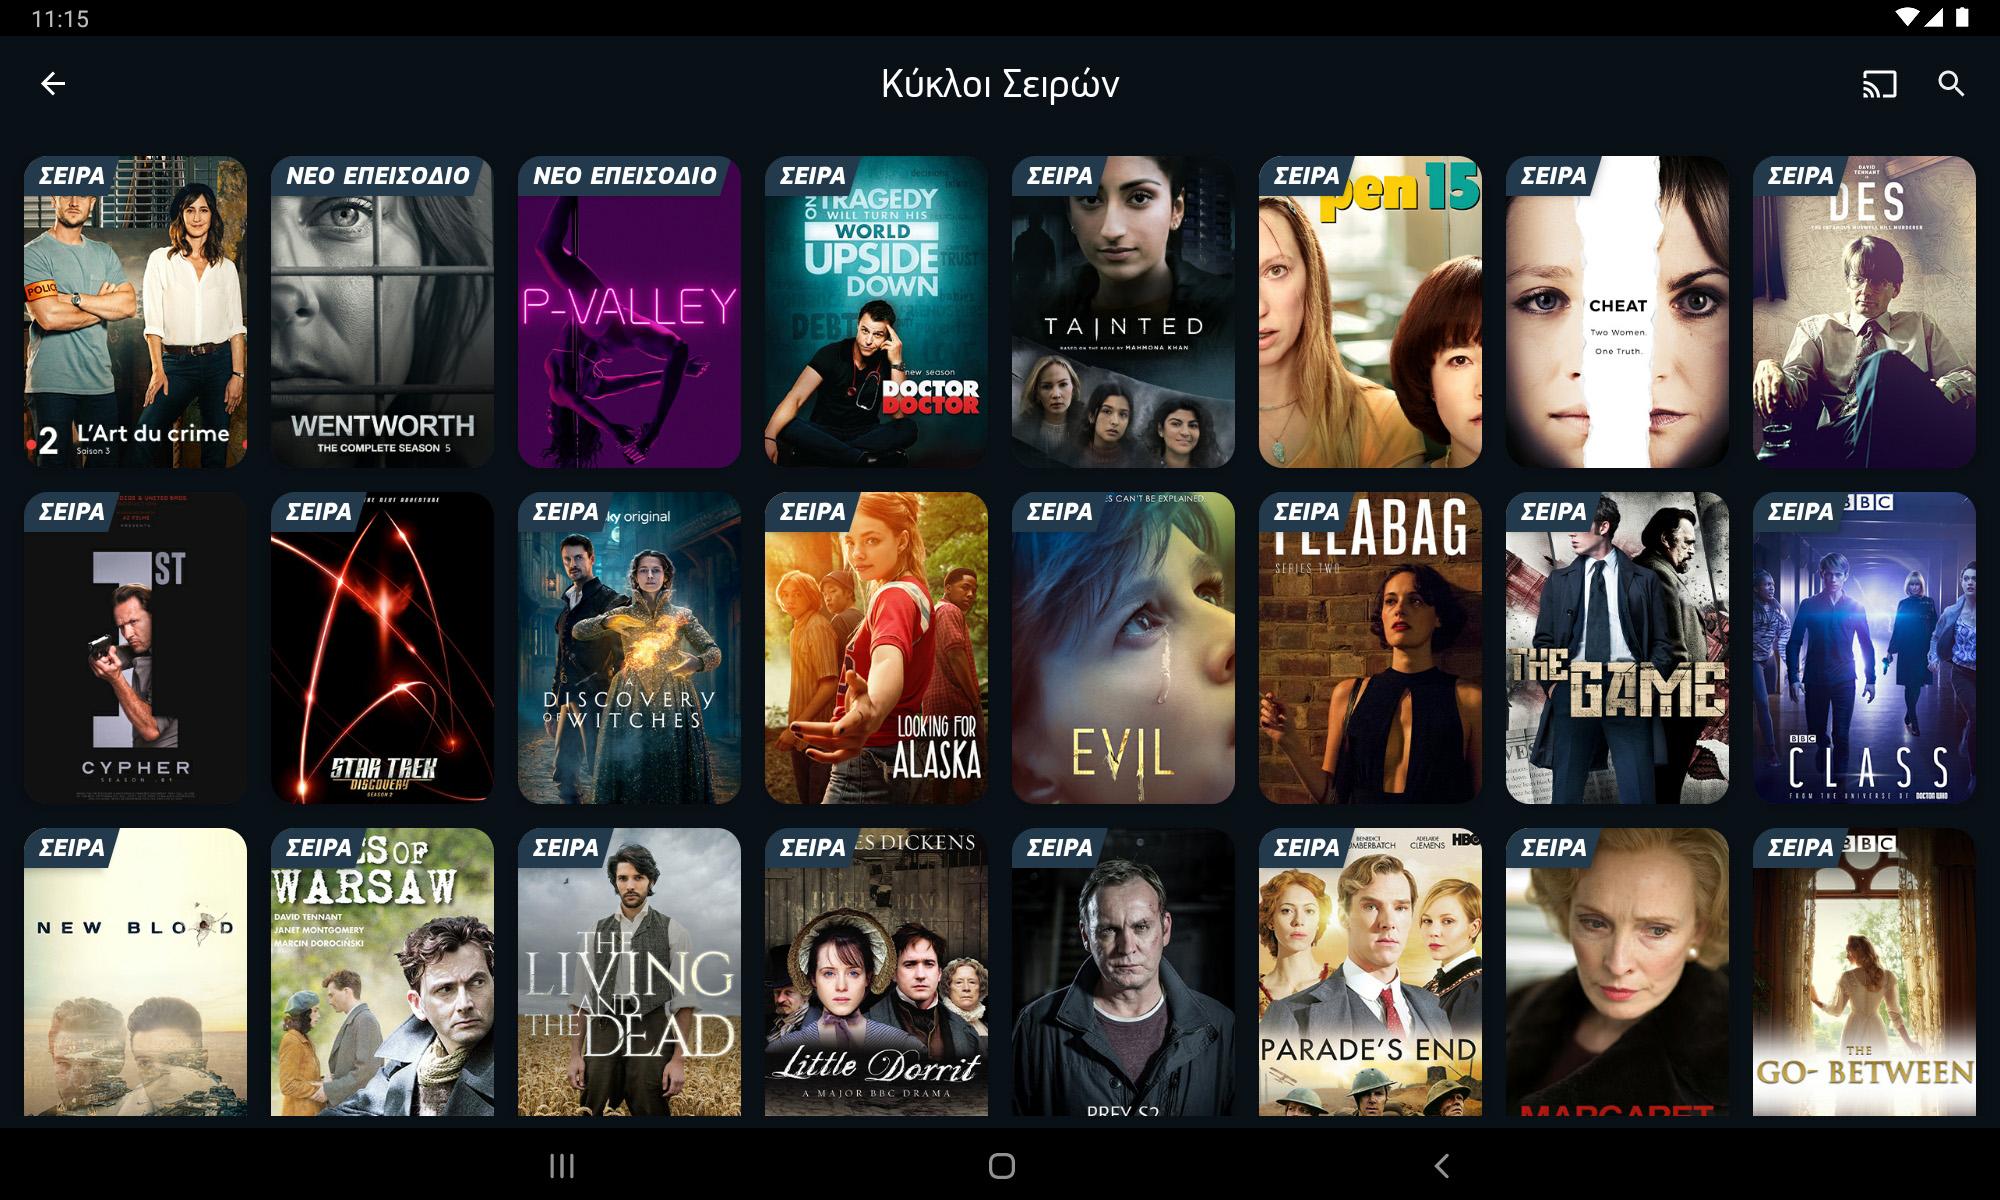 Νέα COSMOTE TV:1 χρόνος λειτουργίας για τη Νο1 ελληνική streaming υπηρεσία